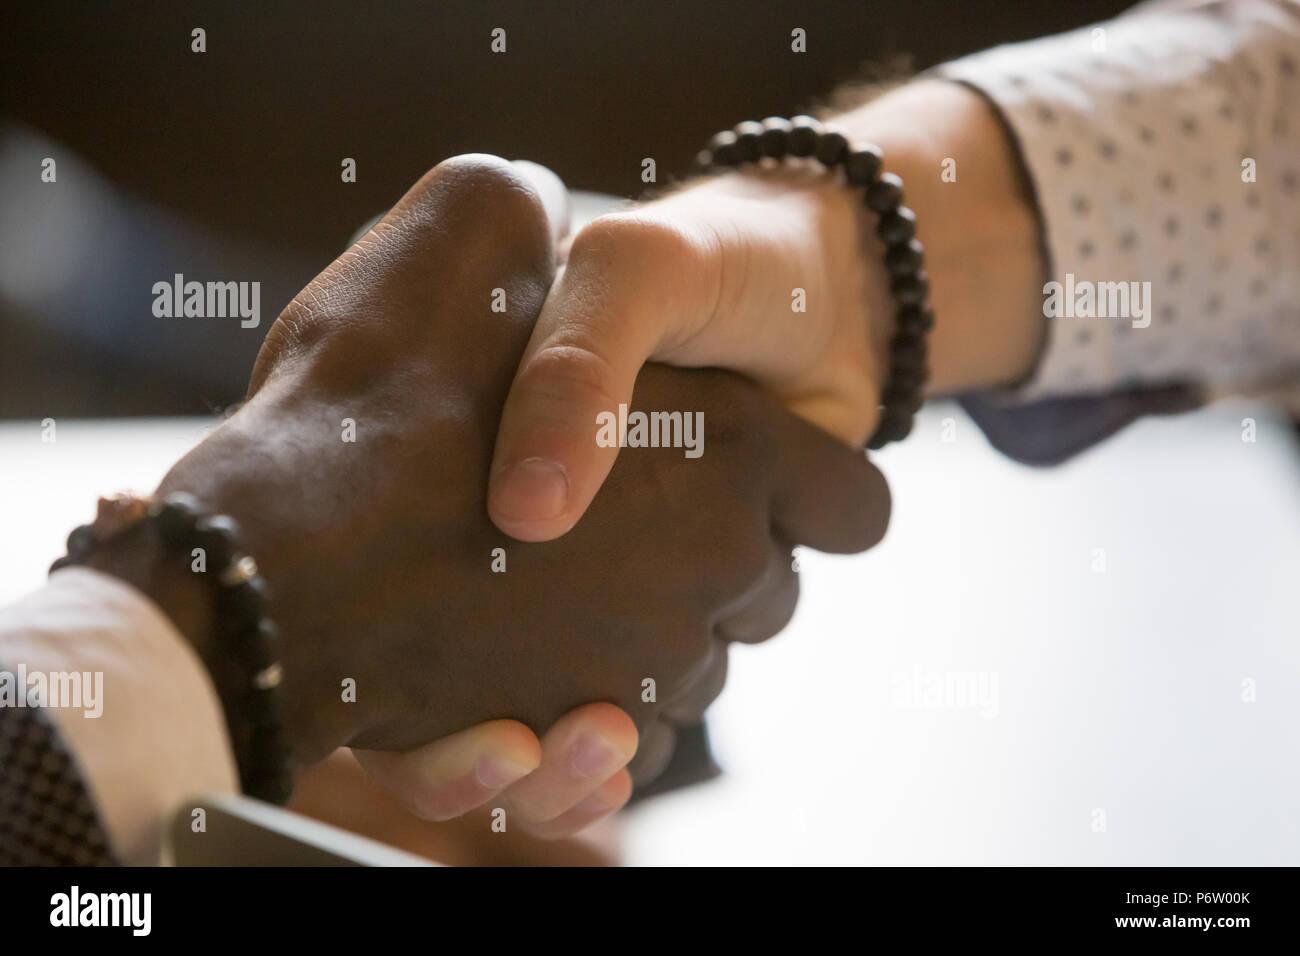 Multirazziale persone saluto di handshake con raggiungimento o succ Immagini Stock